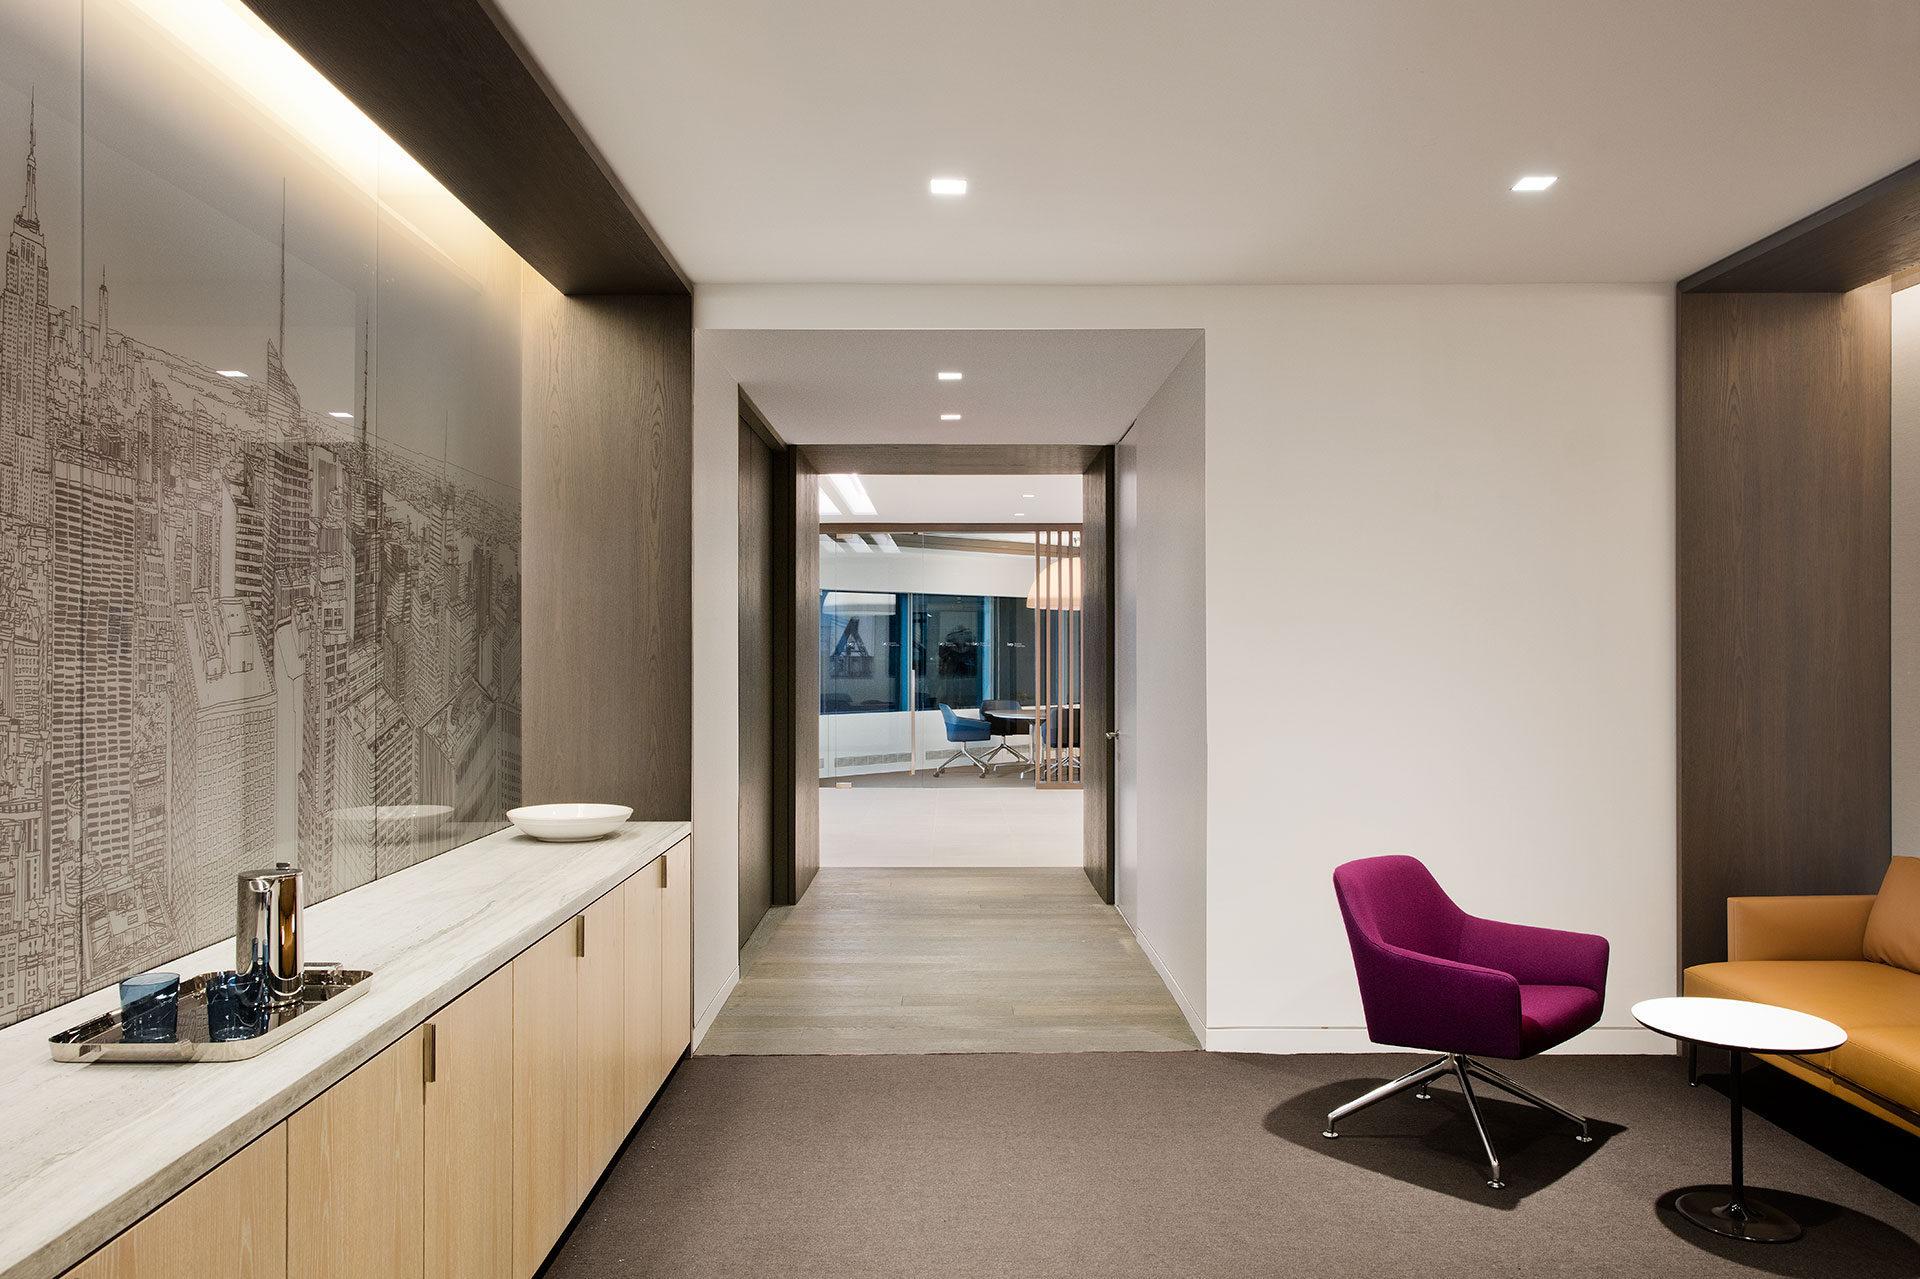 Interiors_29